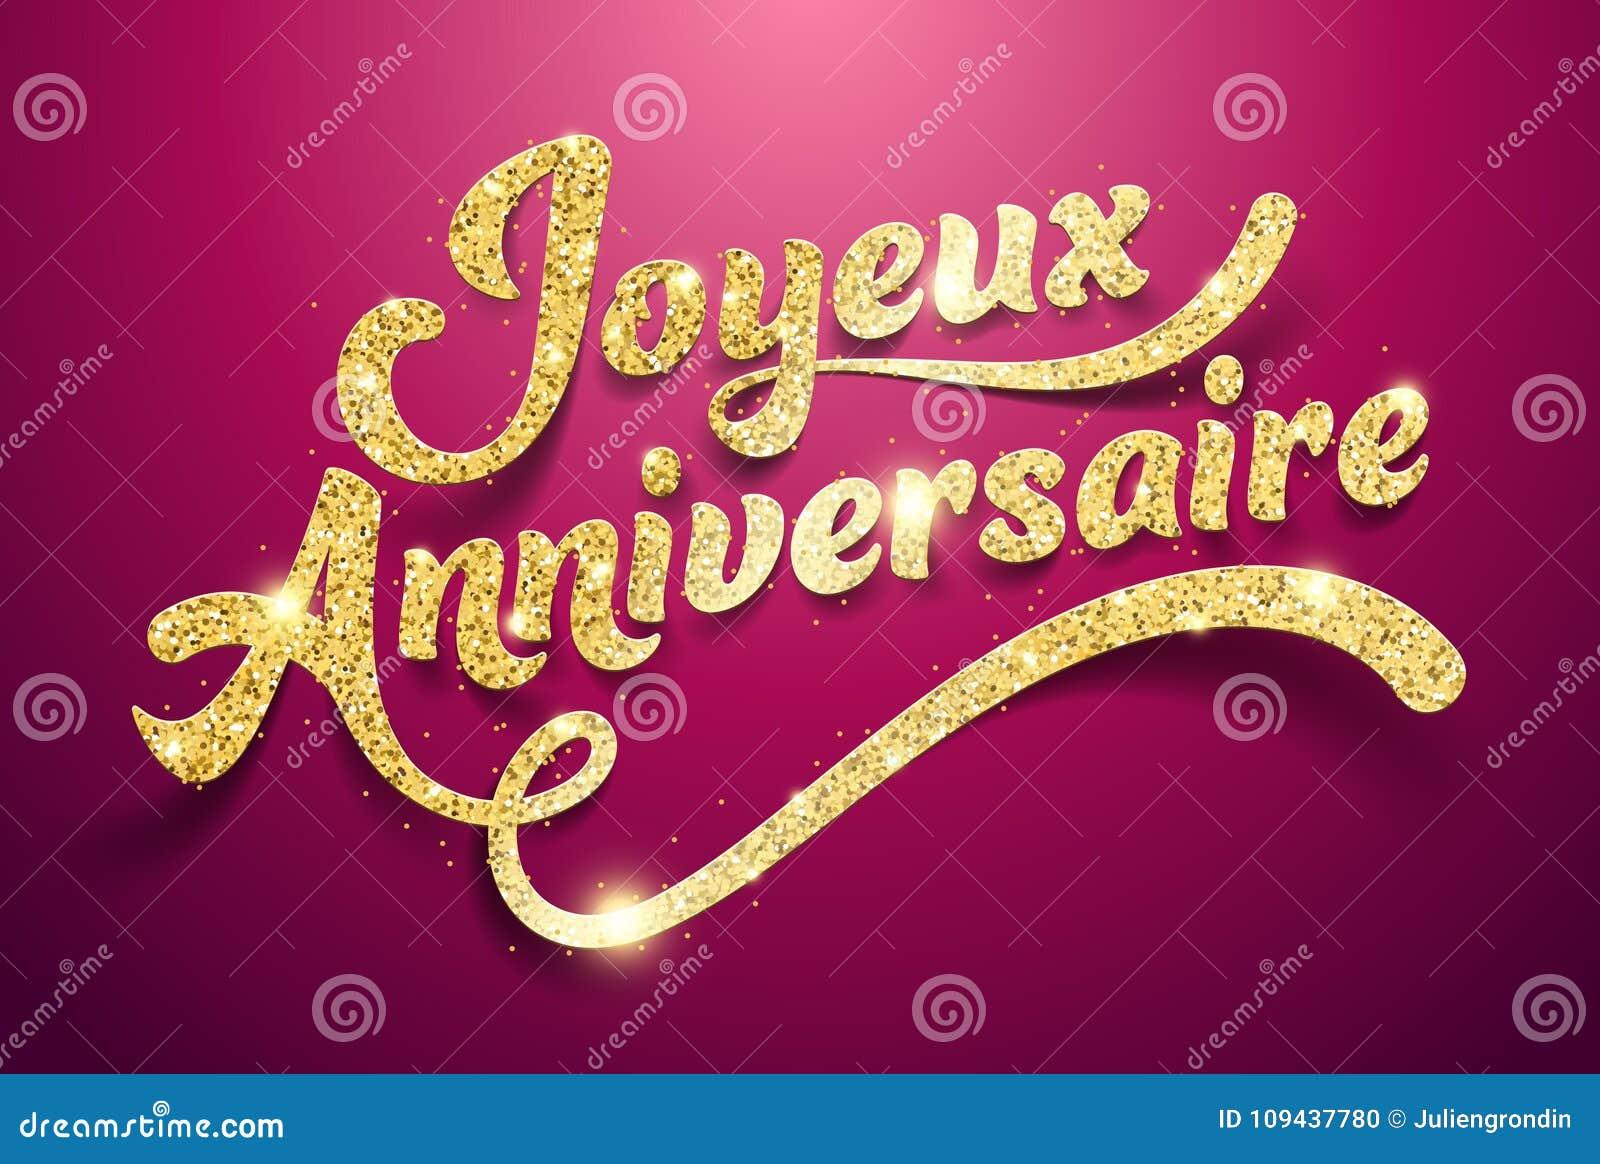 Buon Compleanno In Francese: Joyeux Anniversaire Illustrazione di